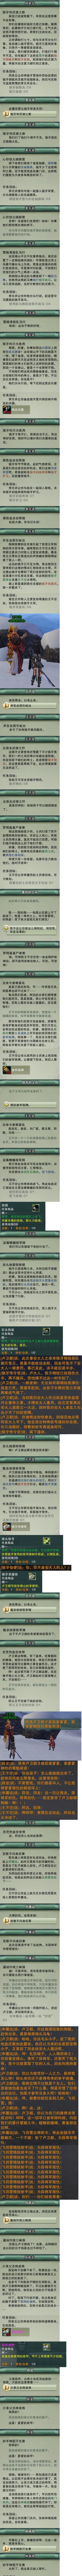 主线任务06 - 薛直.jpg